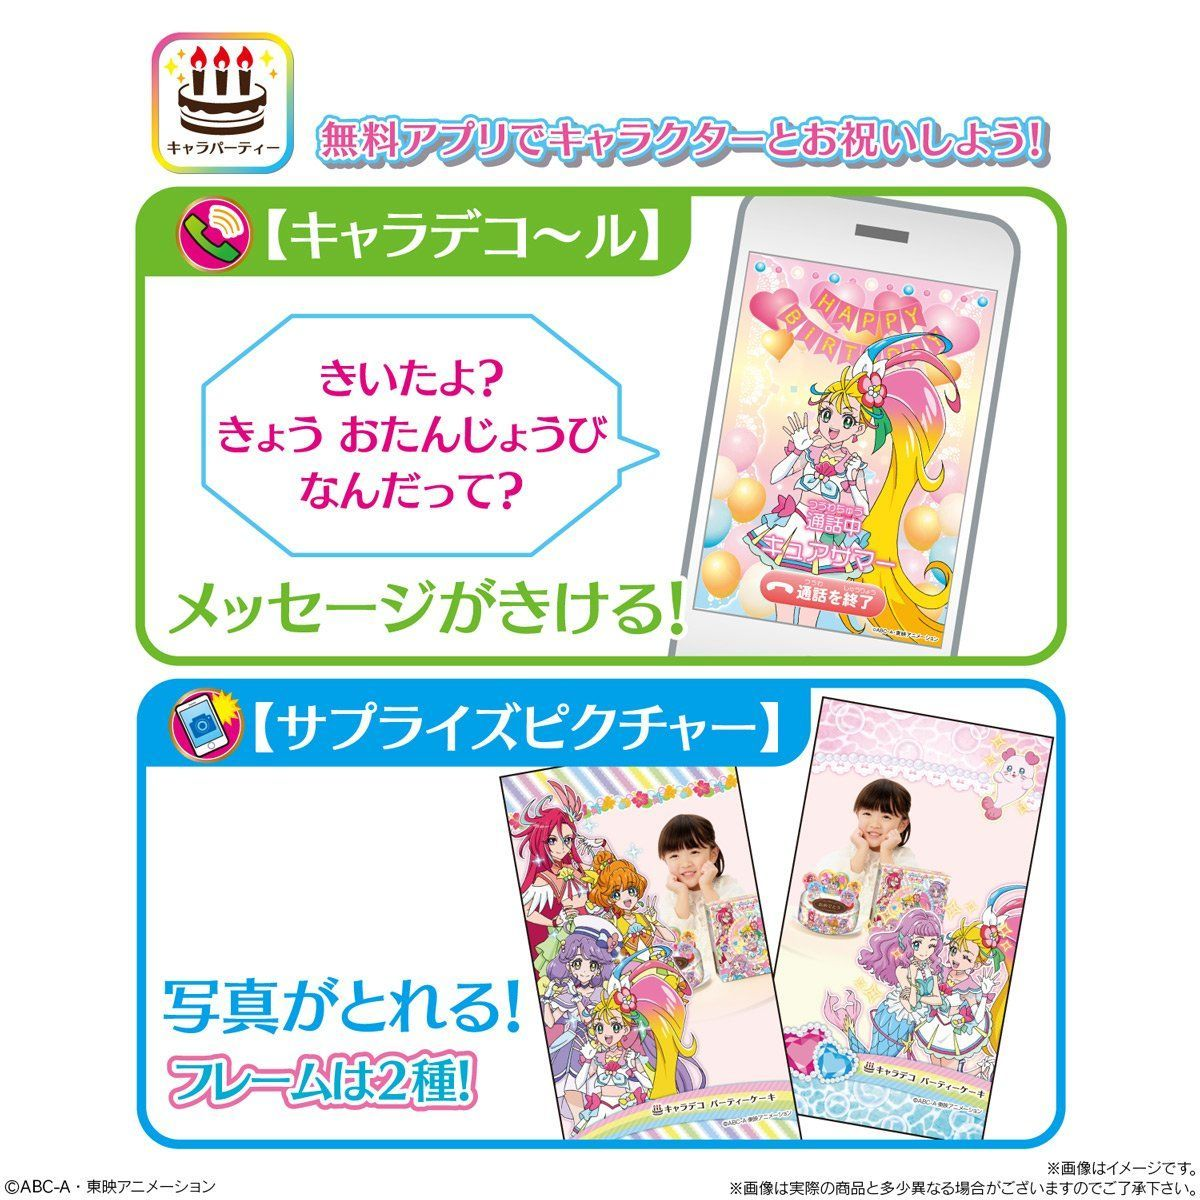 キャラデコパーティーケーキ  トロピカル〜ジュ!プリキュア (チョコクリーム)(5号サイズ)_6